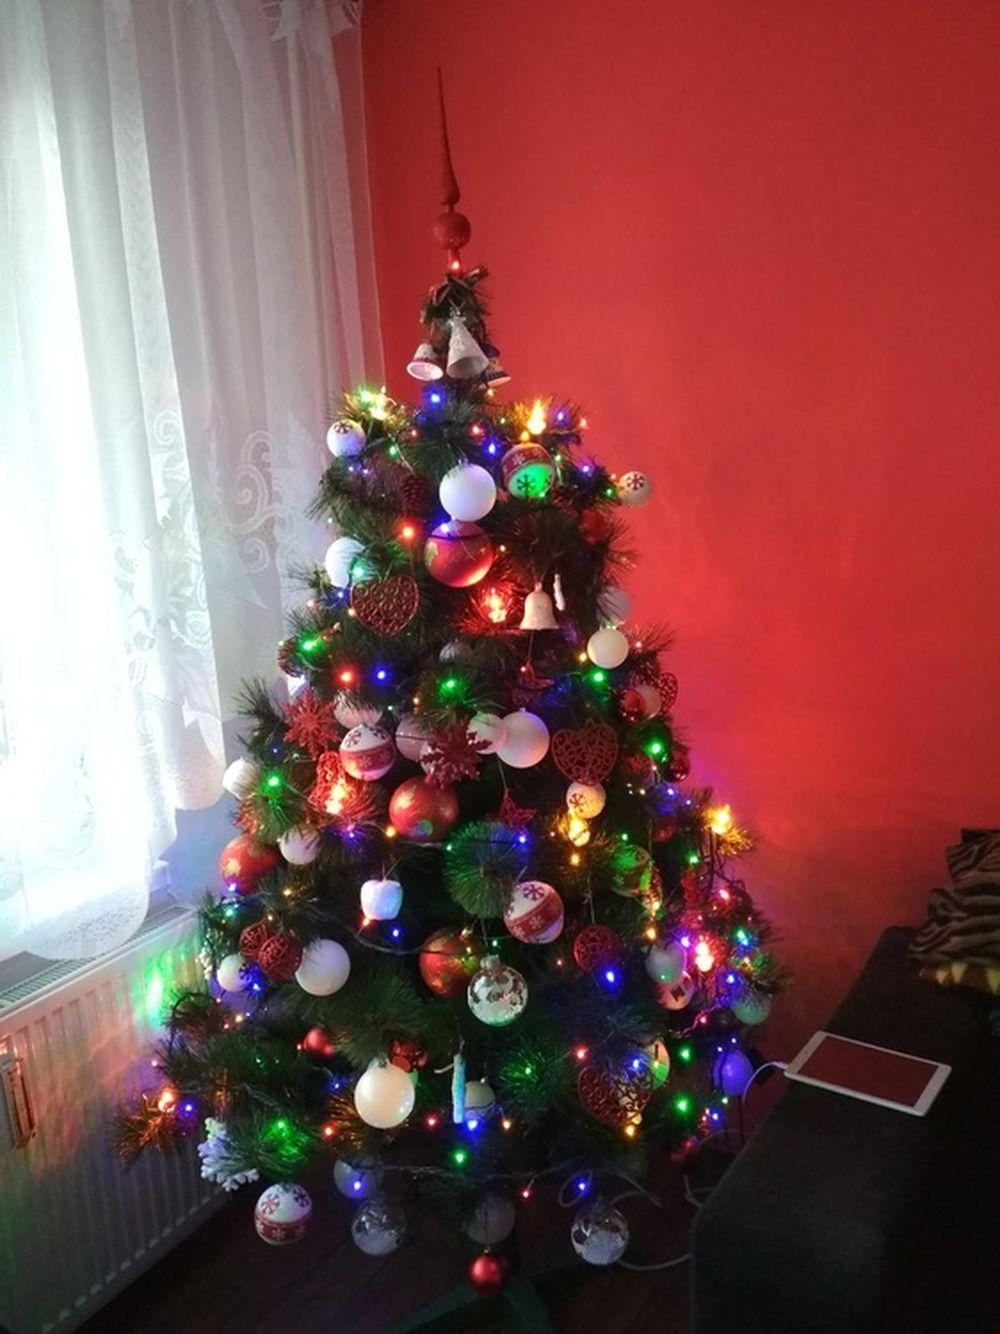 FOTO: Vianočné stromčeky v Žiline - výber fotografií našich čitateľov, foto 36